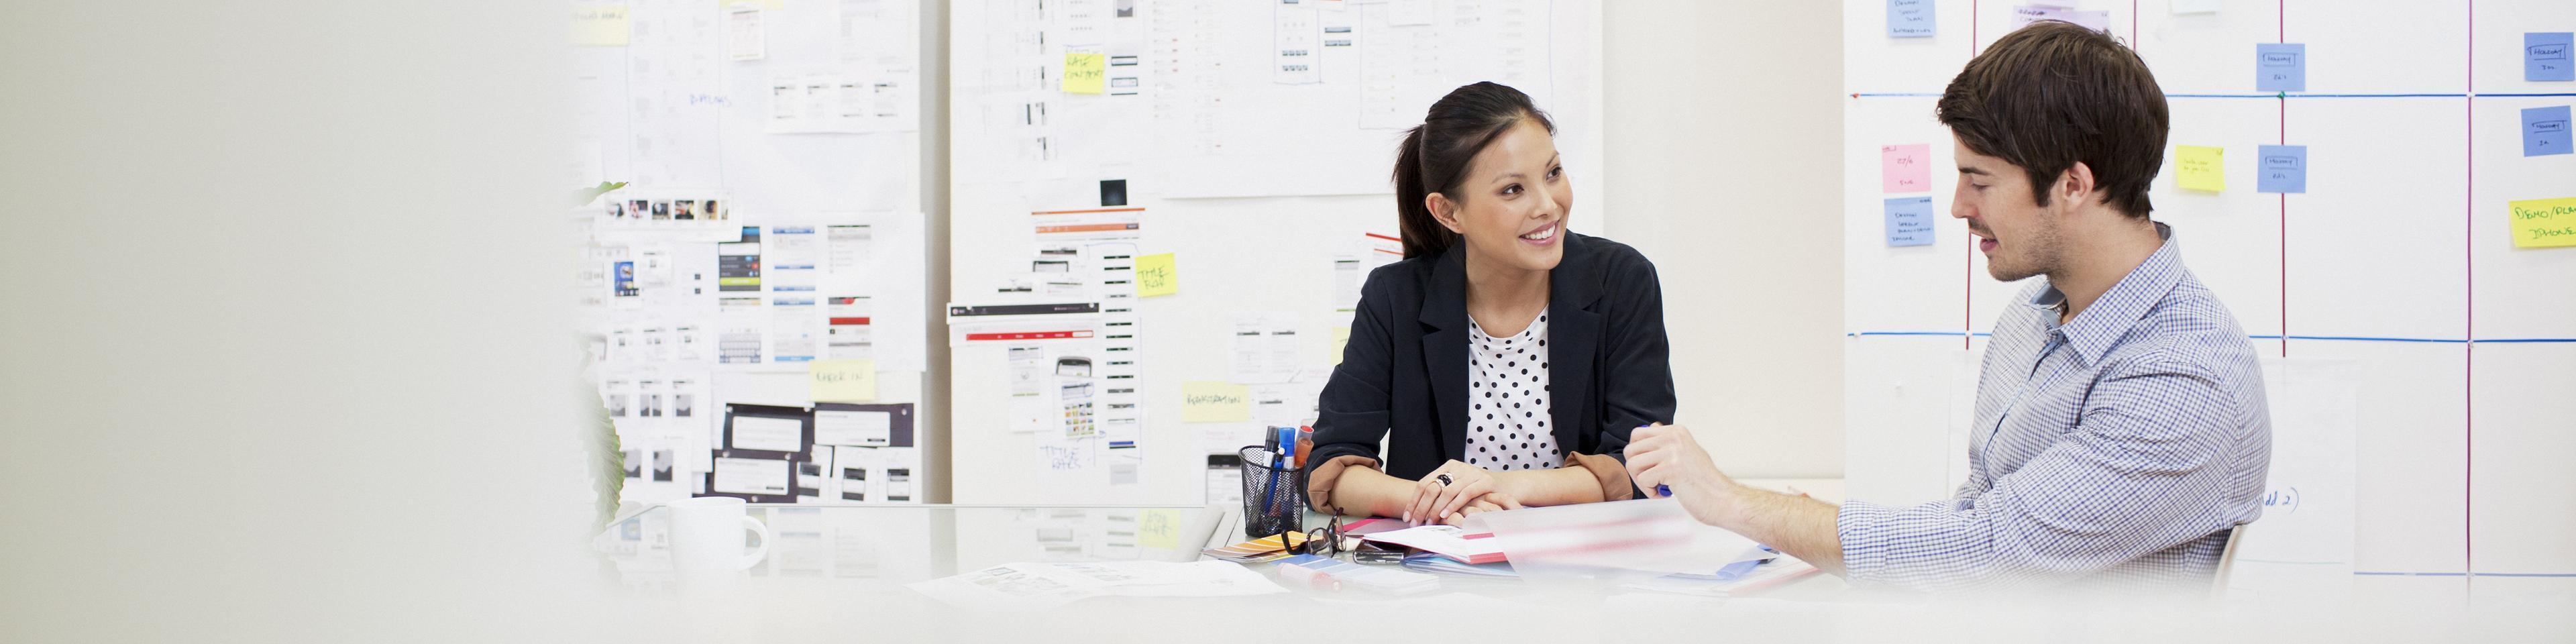 InView: van concept tot productinnovatie samen met klanten